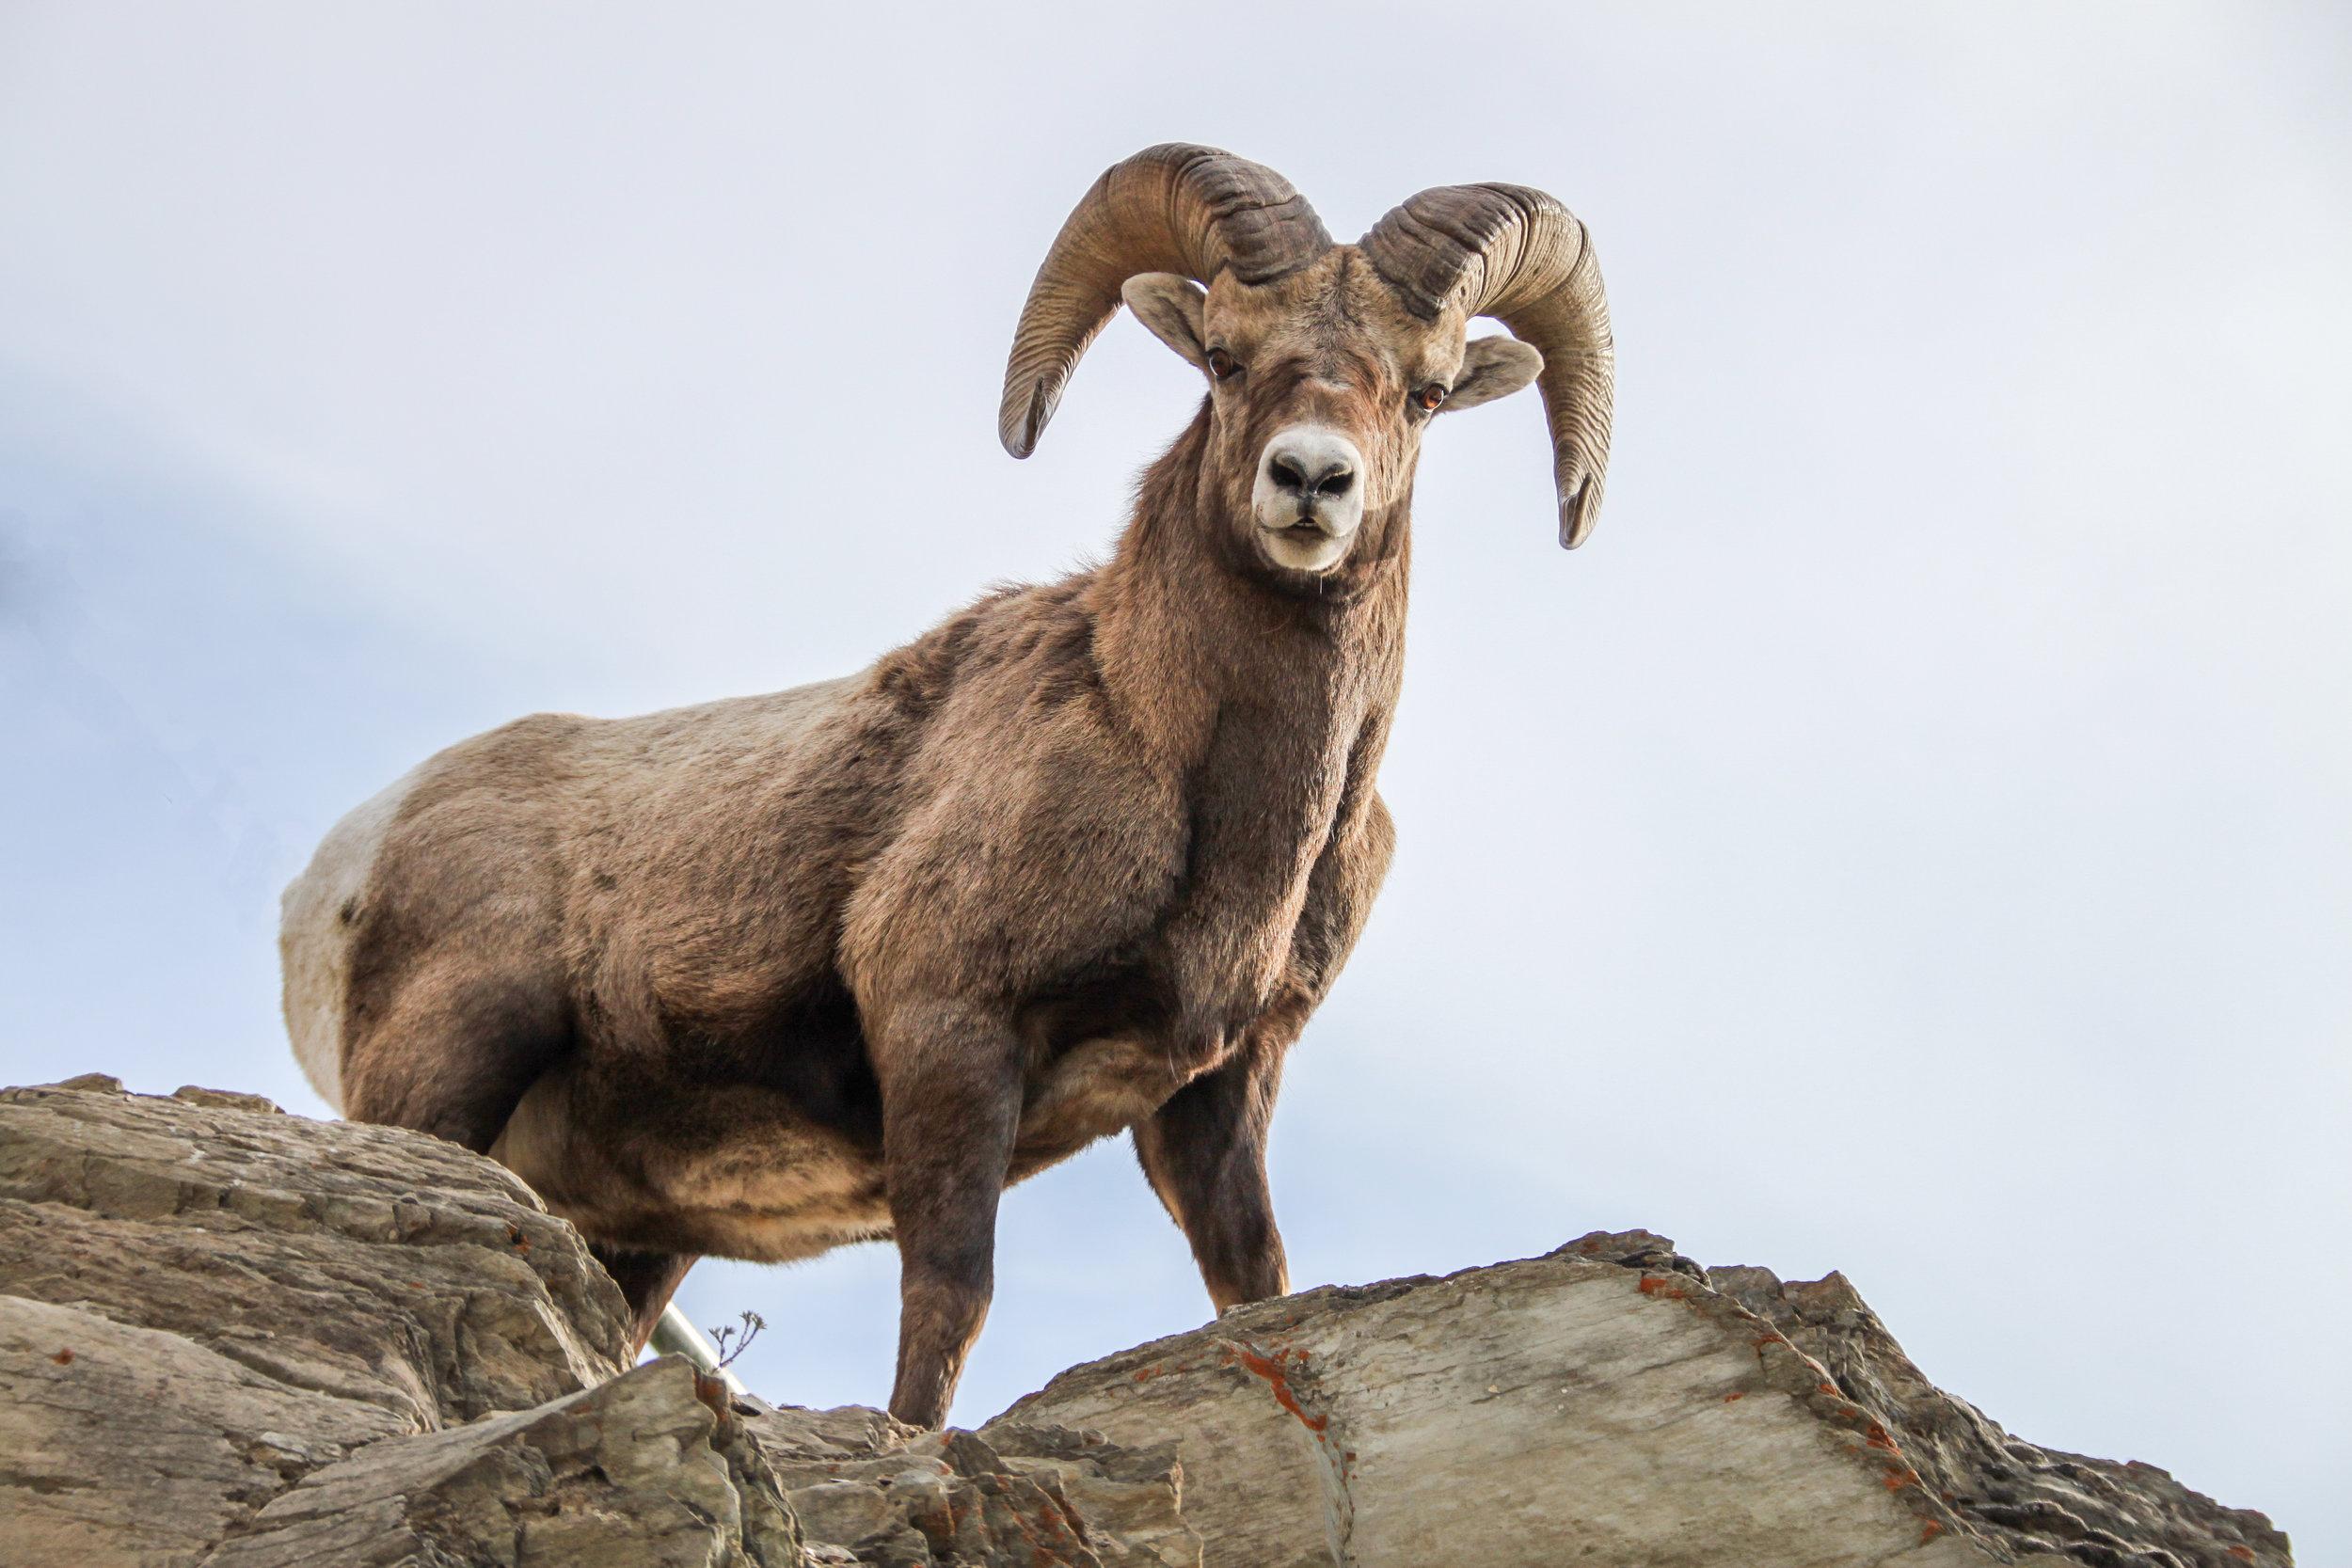 Ram Bighorn Sheep